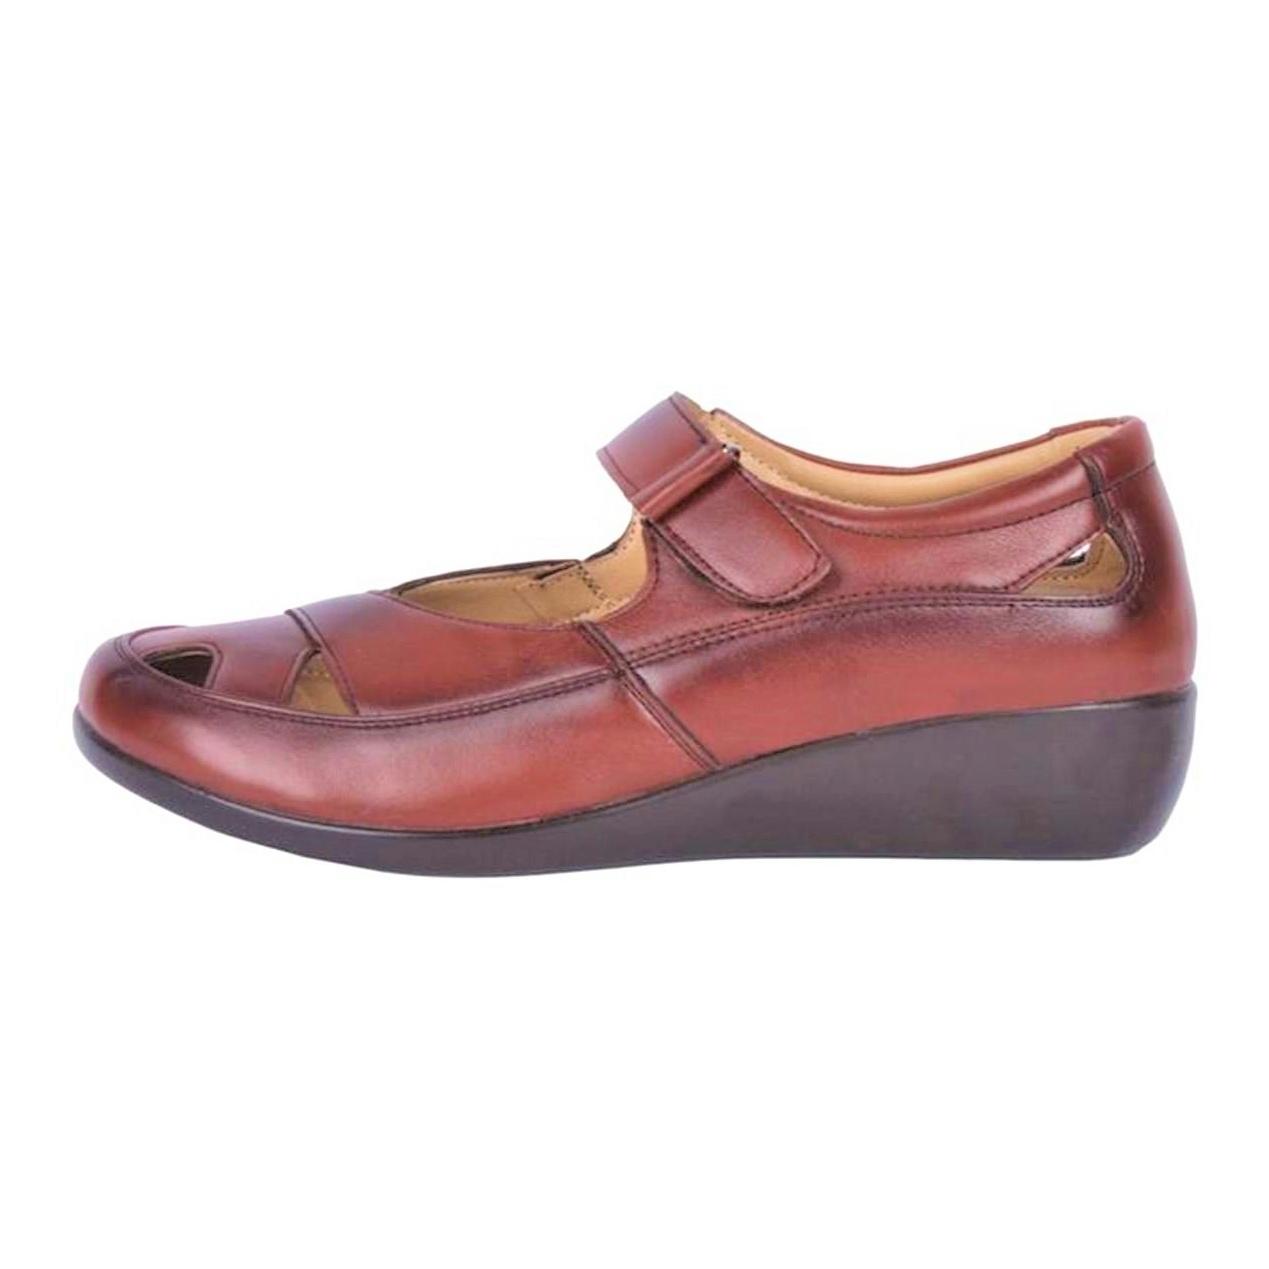 تصویر کفش طبی زنانه مدلF22667